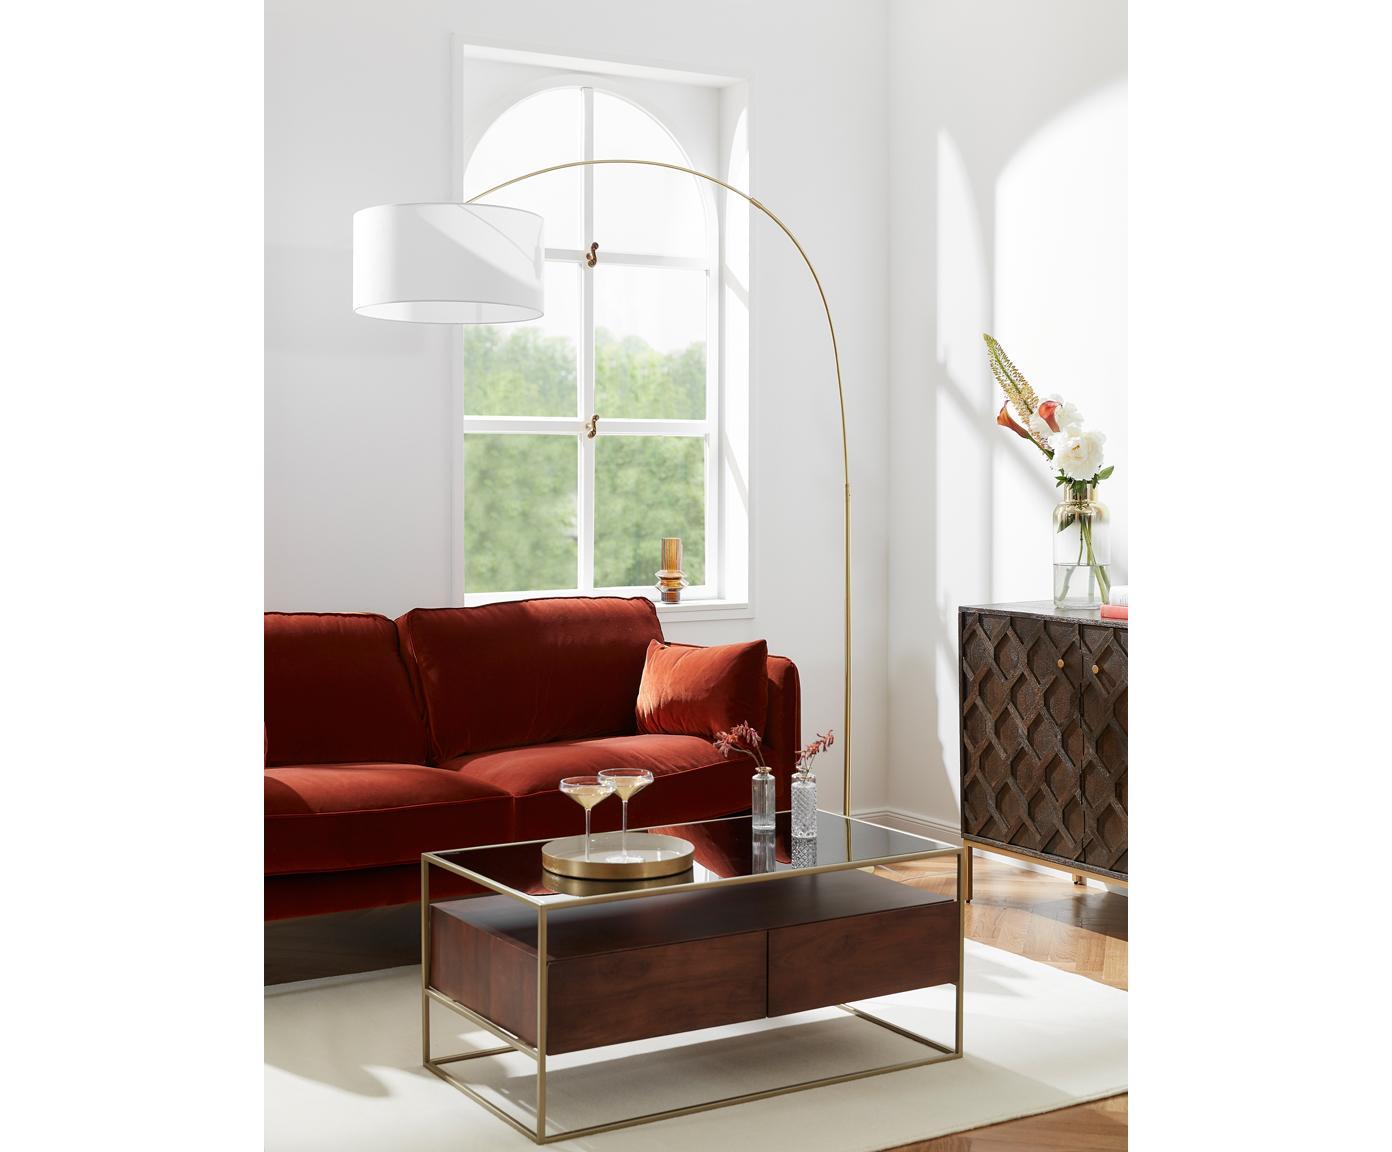 Lampa podłogowa w kształcie łuku Niels, Klosz: biały Podstawa lampy: odcienie mosiądzu Kabel: transparentny, S 157 x W 218 cm